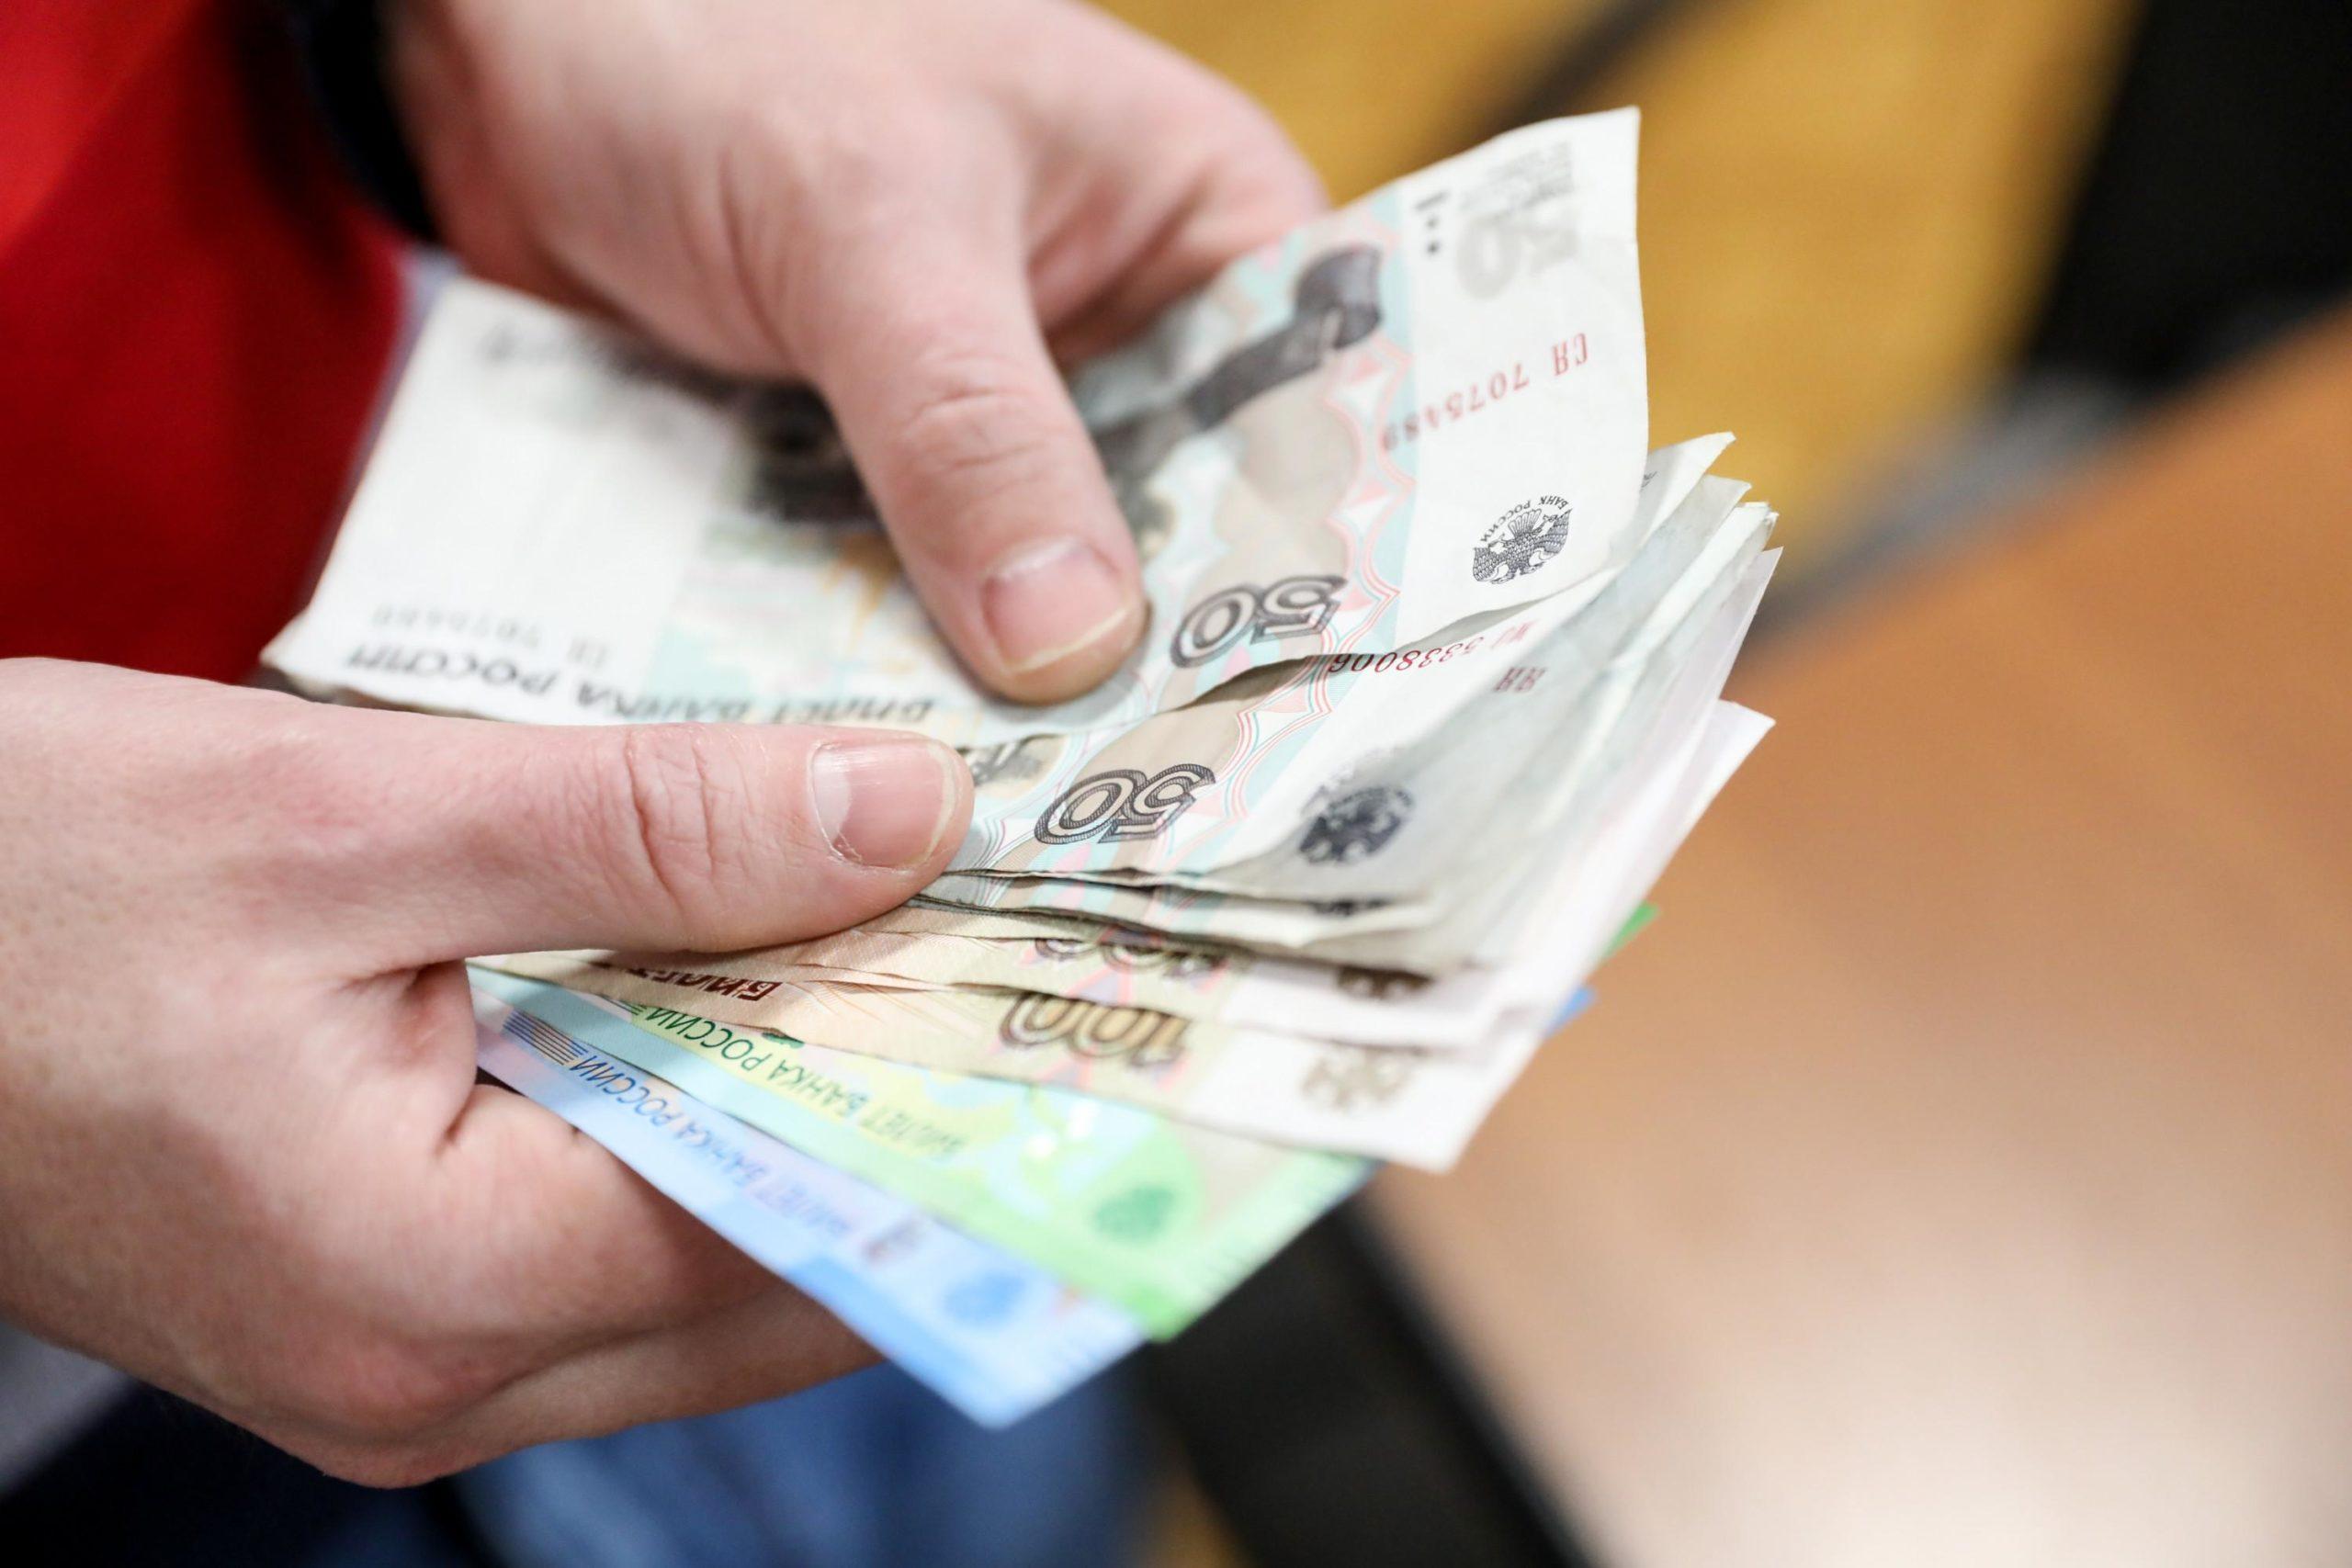 Белоусов предложил ввести пособия для людей в трудной жизненной ситуации